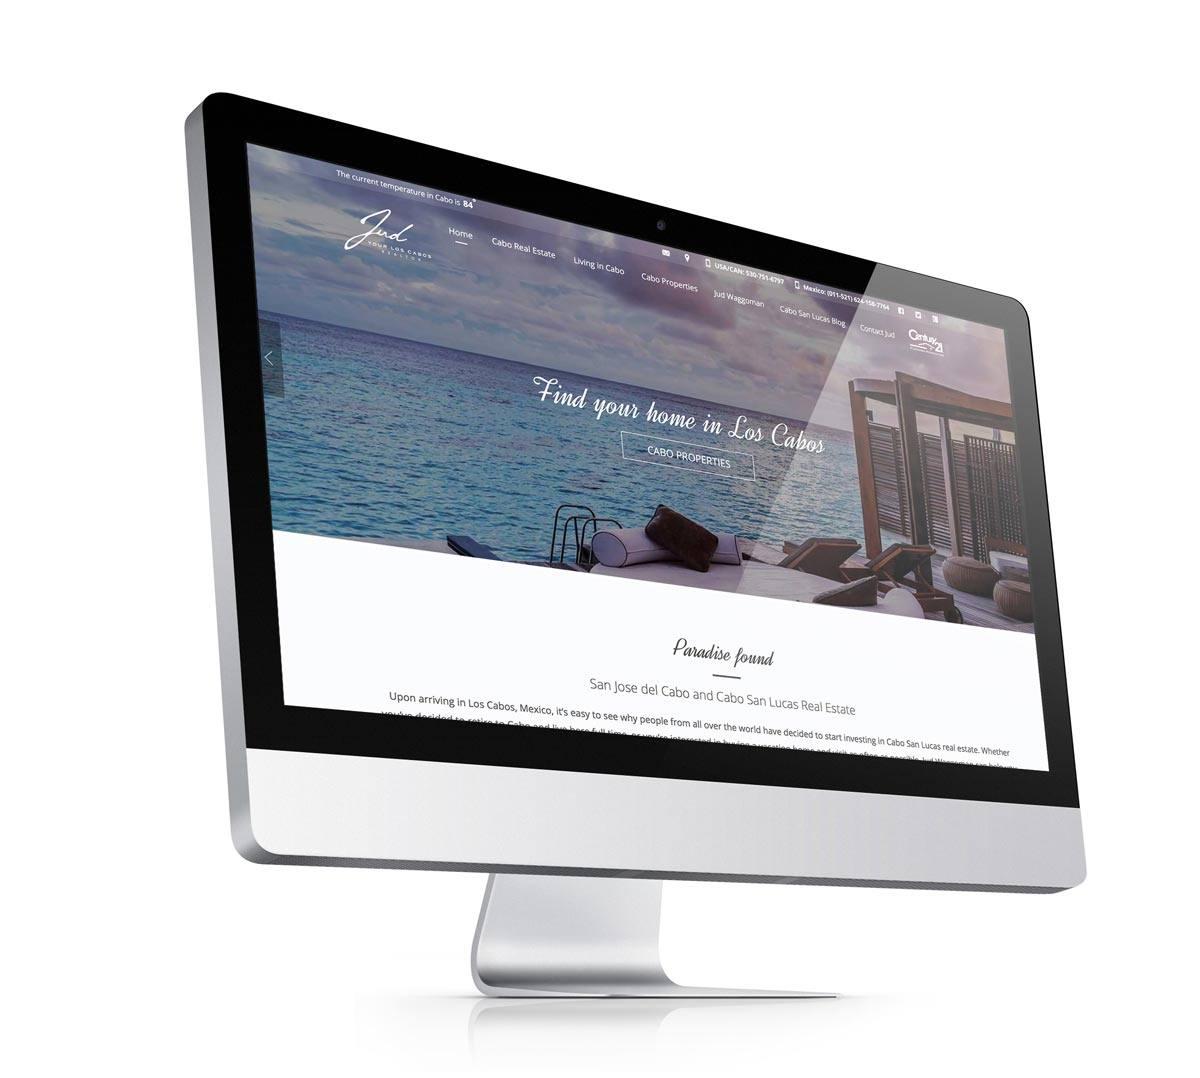 jud-real-estate-web-design-s